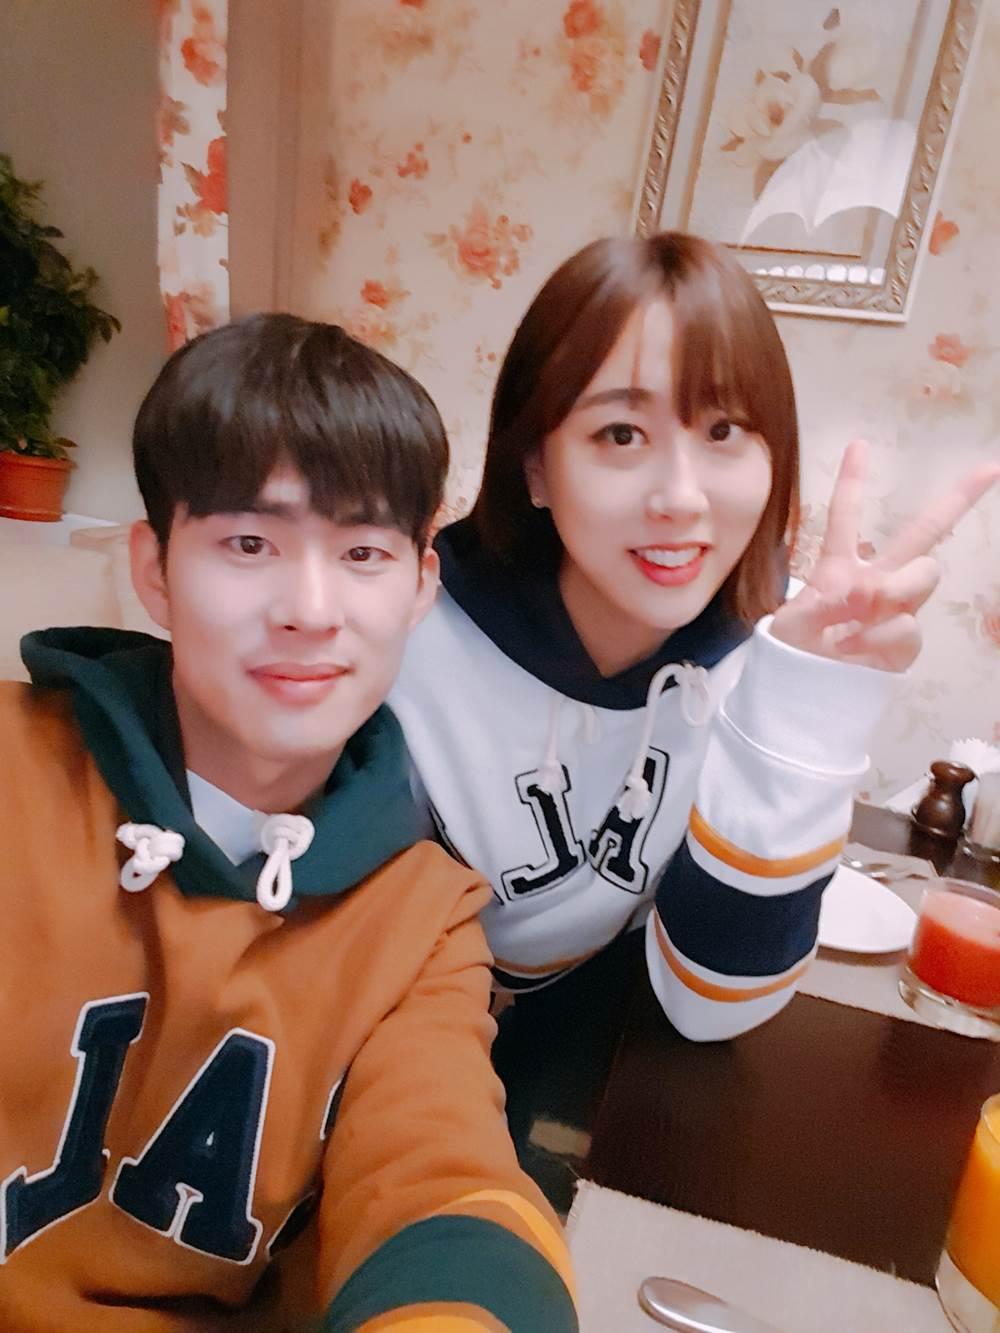 搞笑梗永遠用不完!這對韓國人氣Couple天生自帶諧星魂,看完好想許願一個軟萌系男友啊